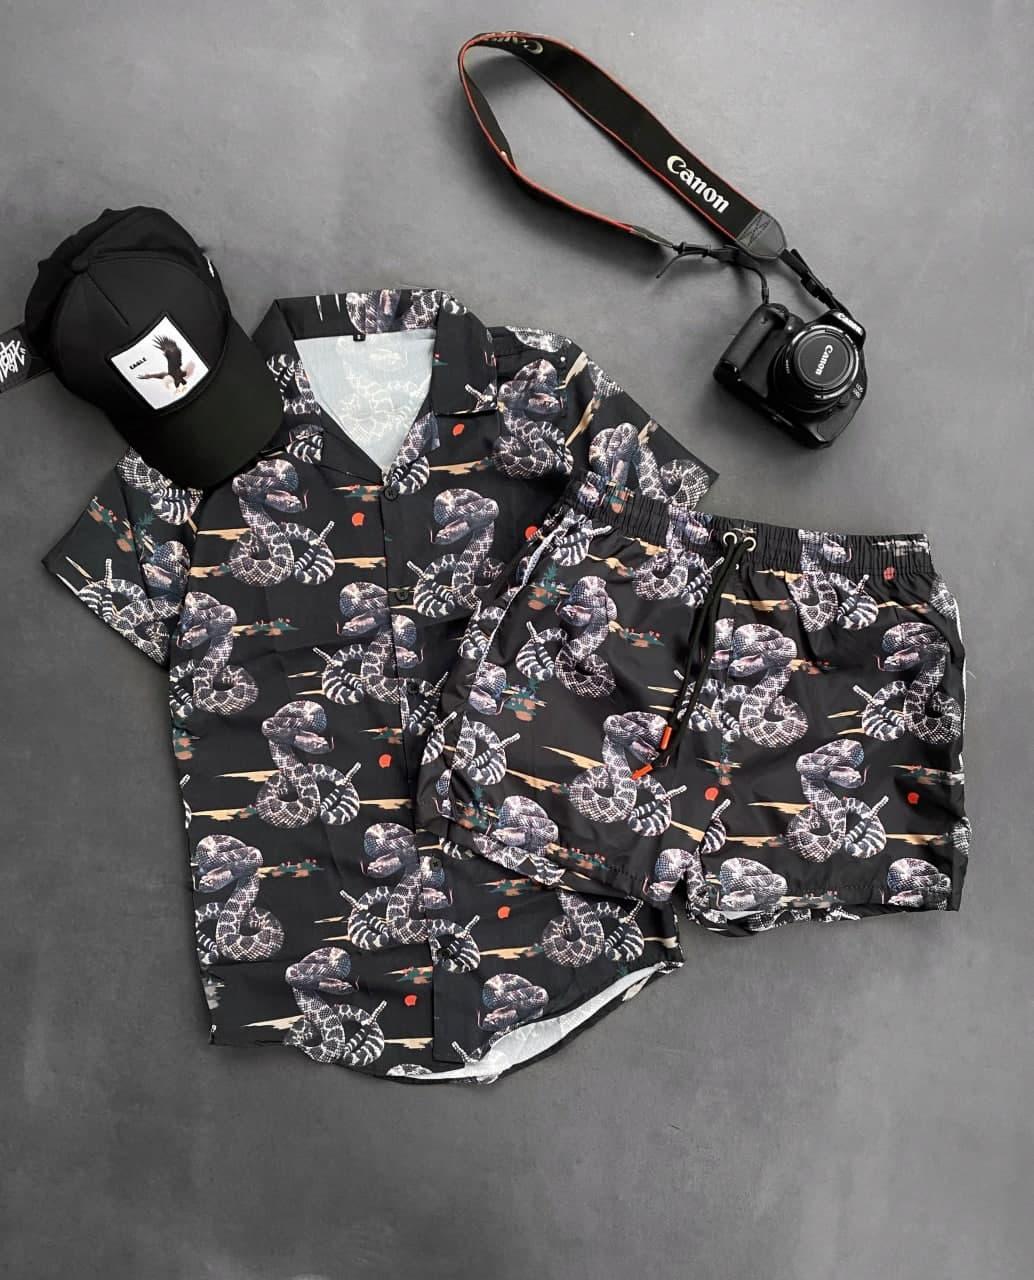 Кобра Мужской спортивный костюм/комплект черный с принтом лето. кофта  + шорты Турция